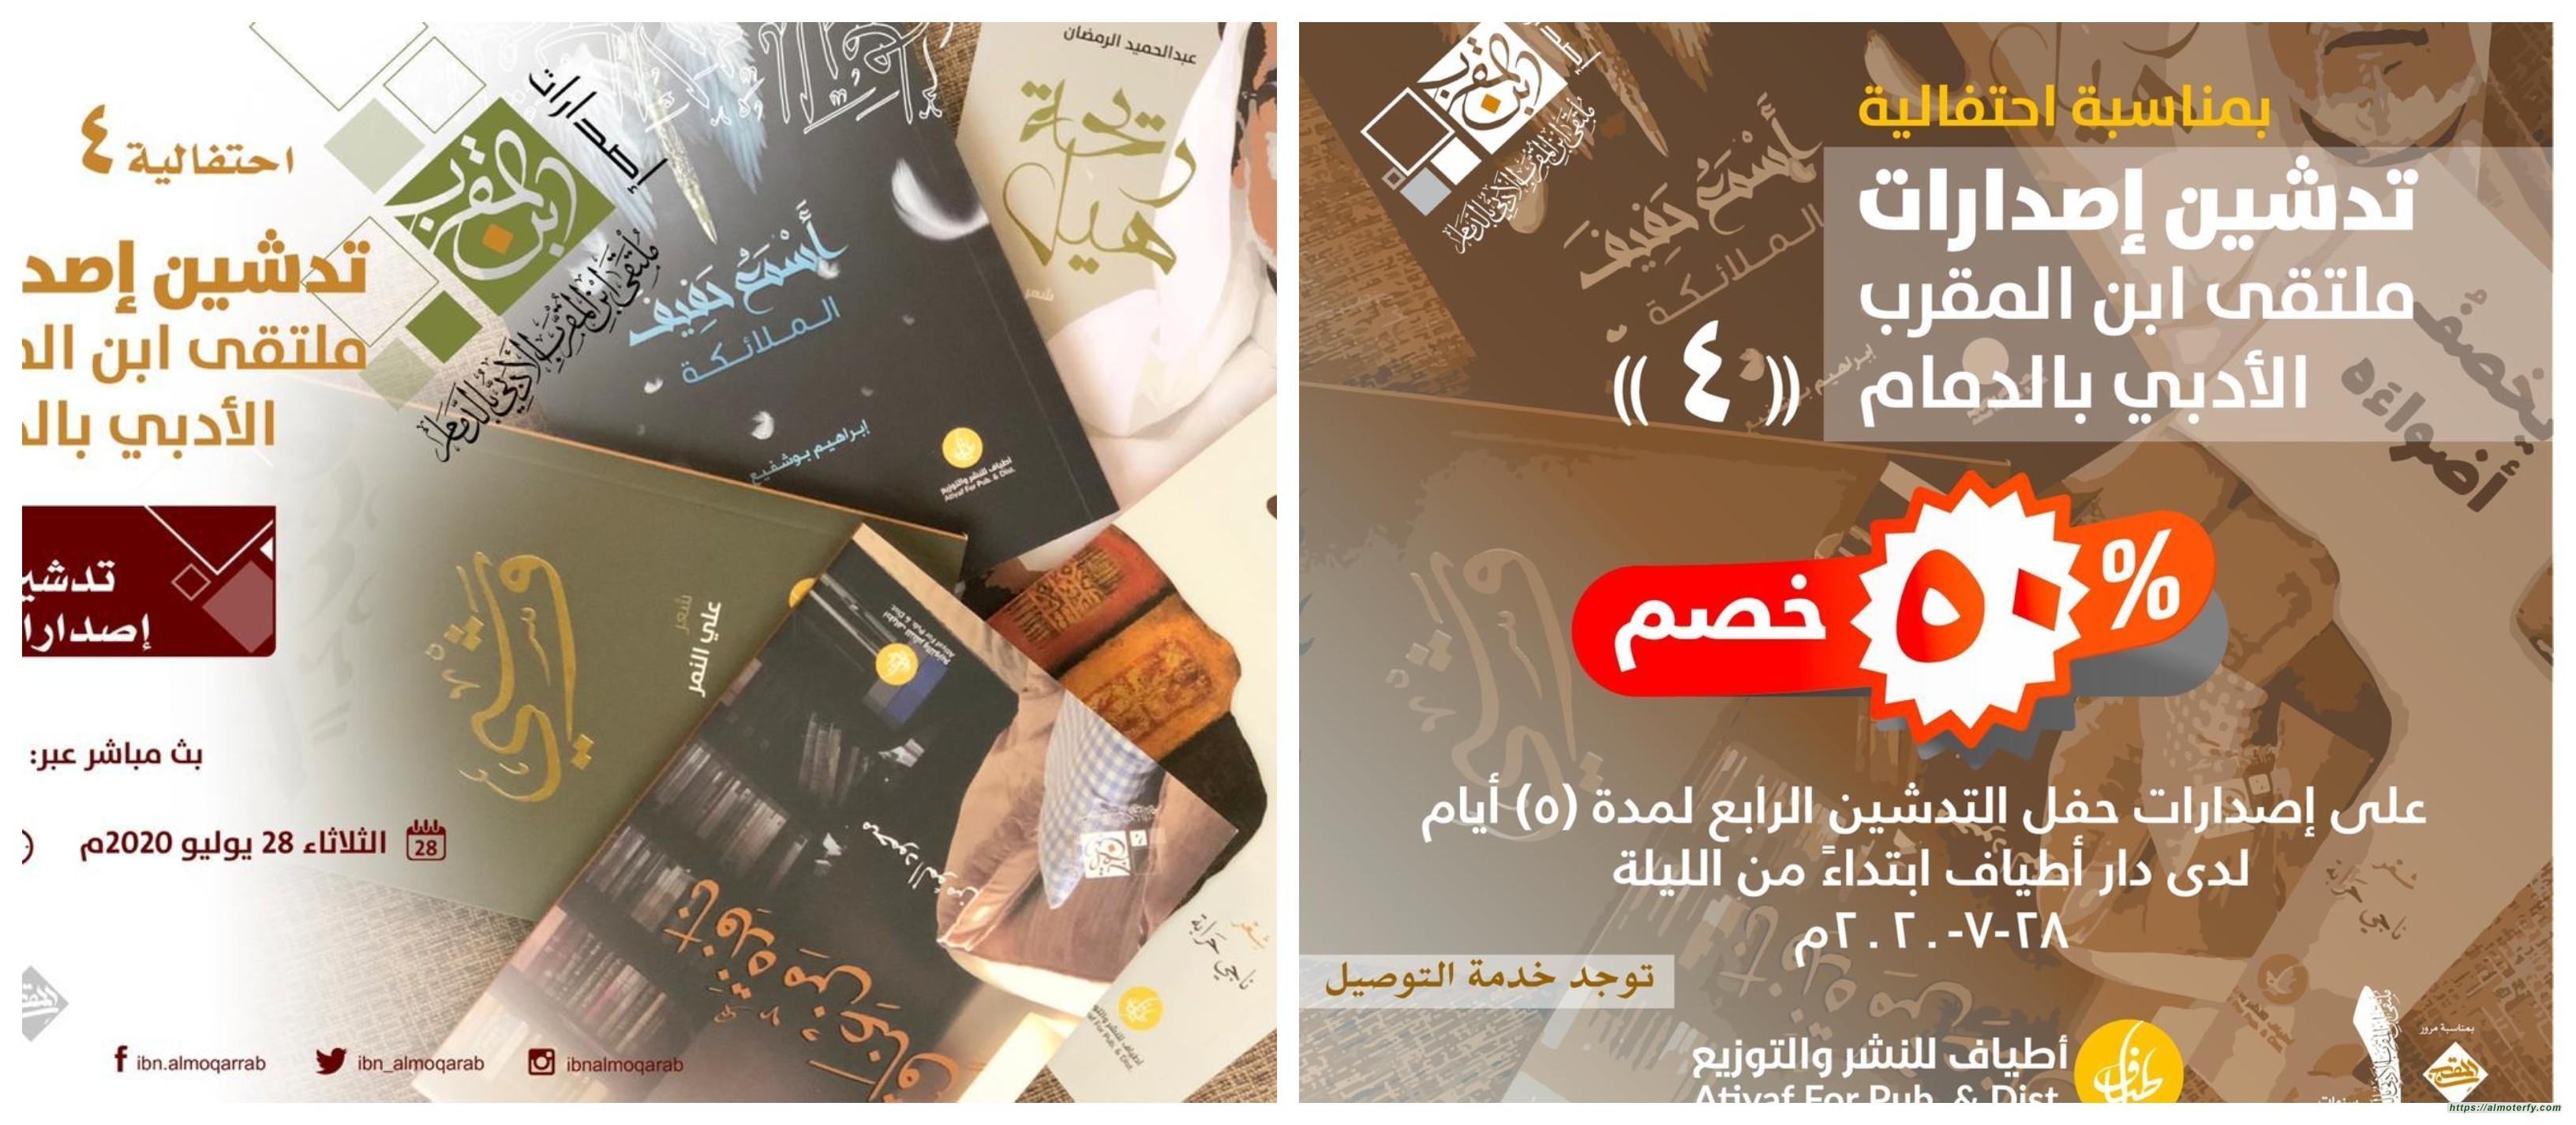 ملتقى ابن المقرب الأدبي يزف إصدارات جديدة للمكتبة العربية